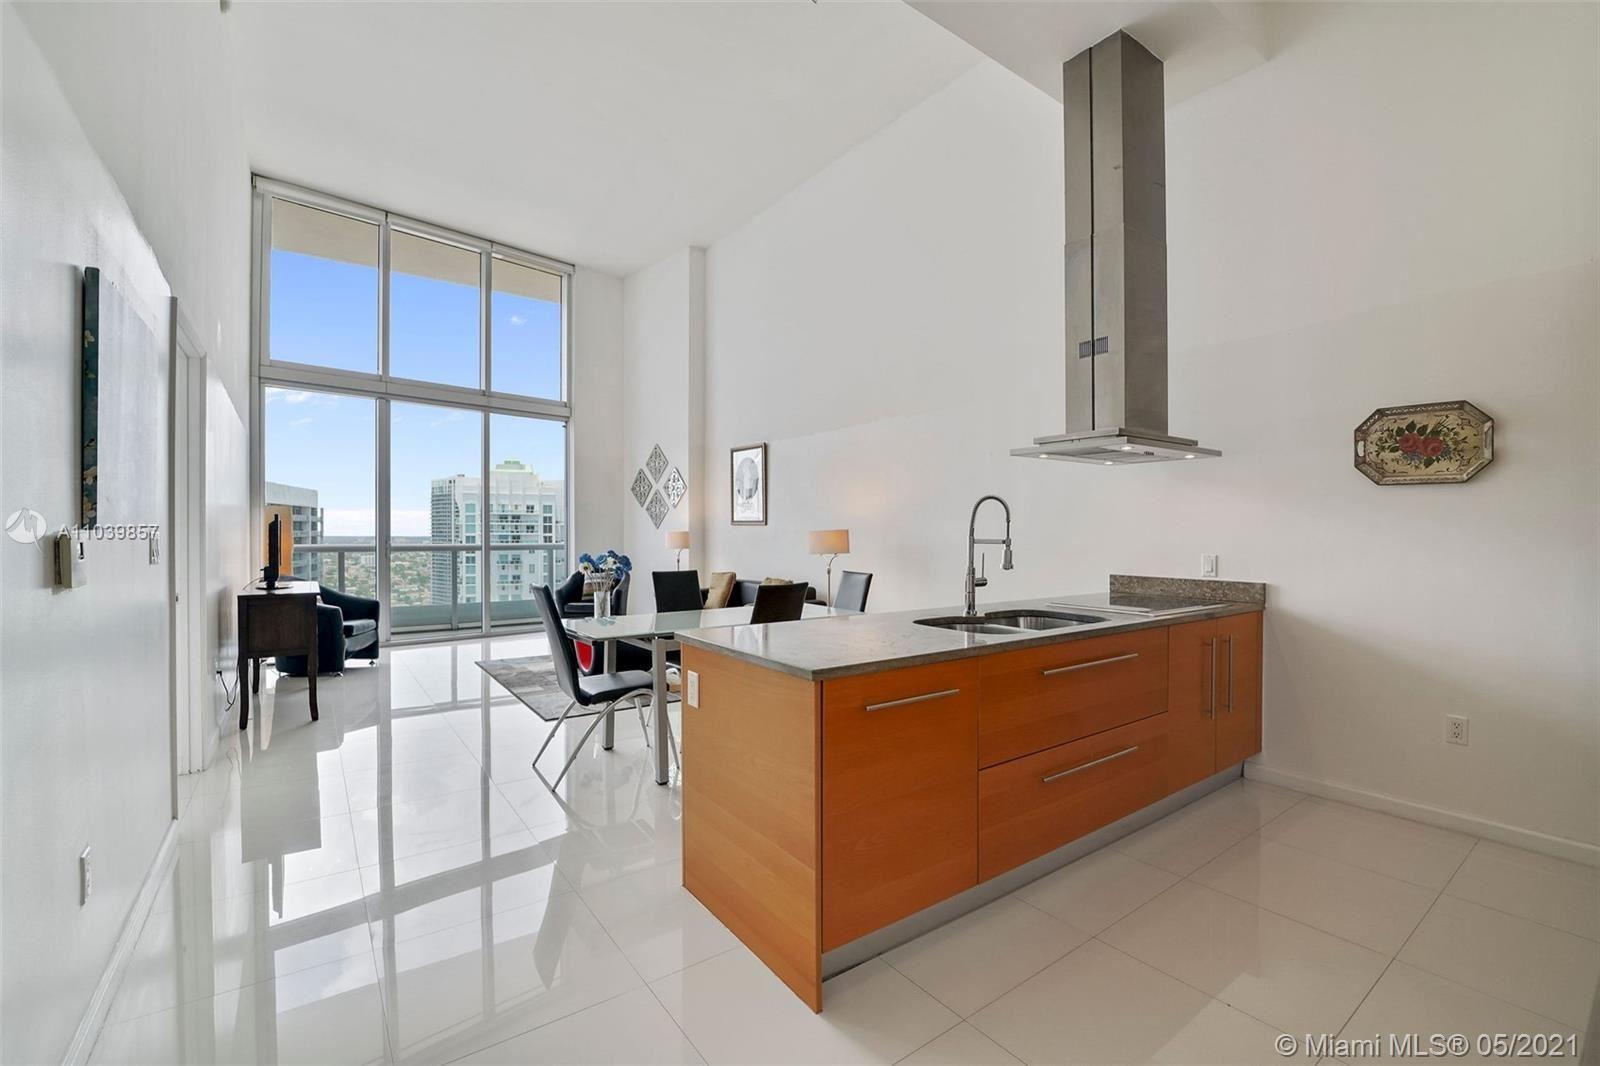 485 Brickell Ave #4007, Miami, FL 33131 - #: A11039857